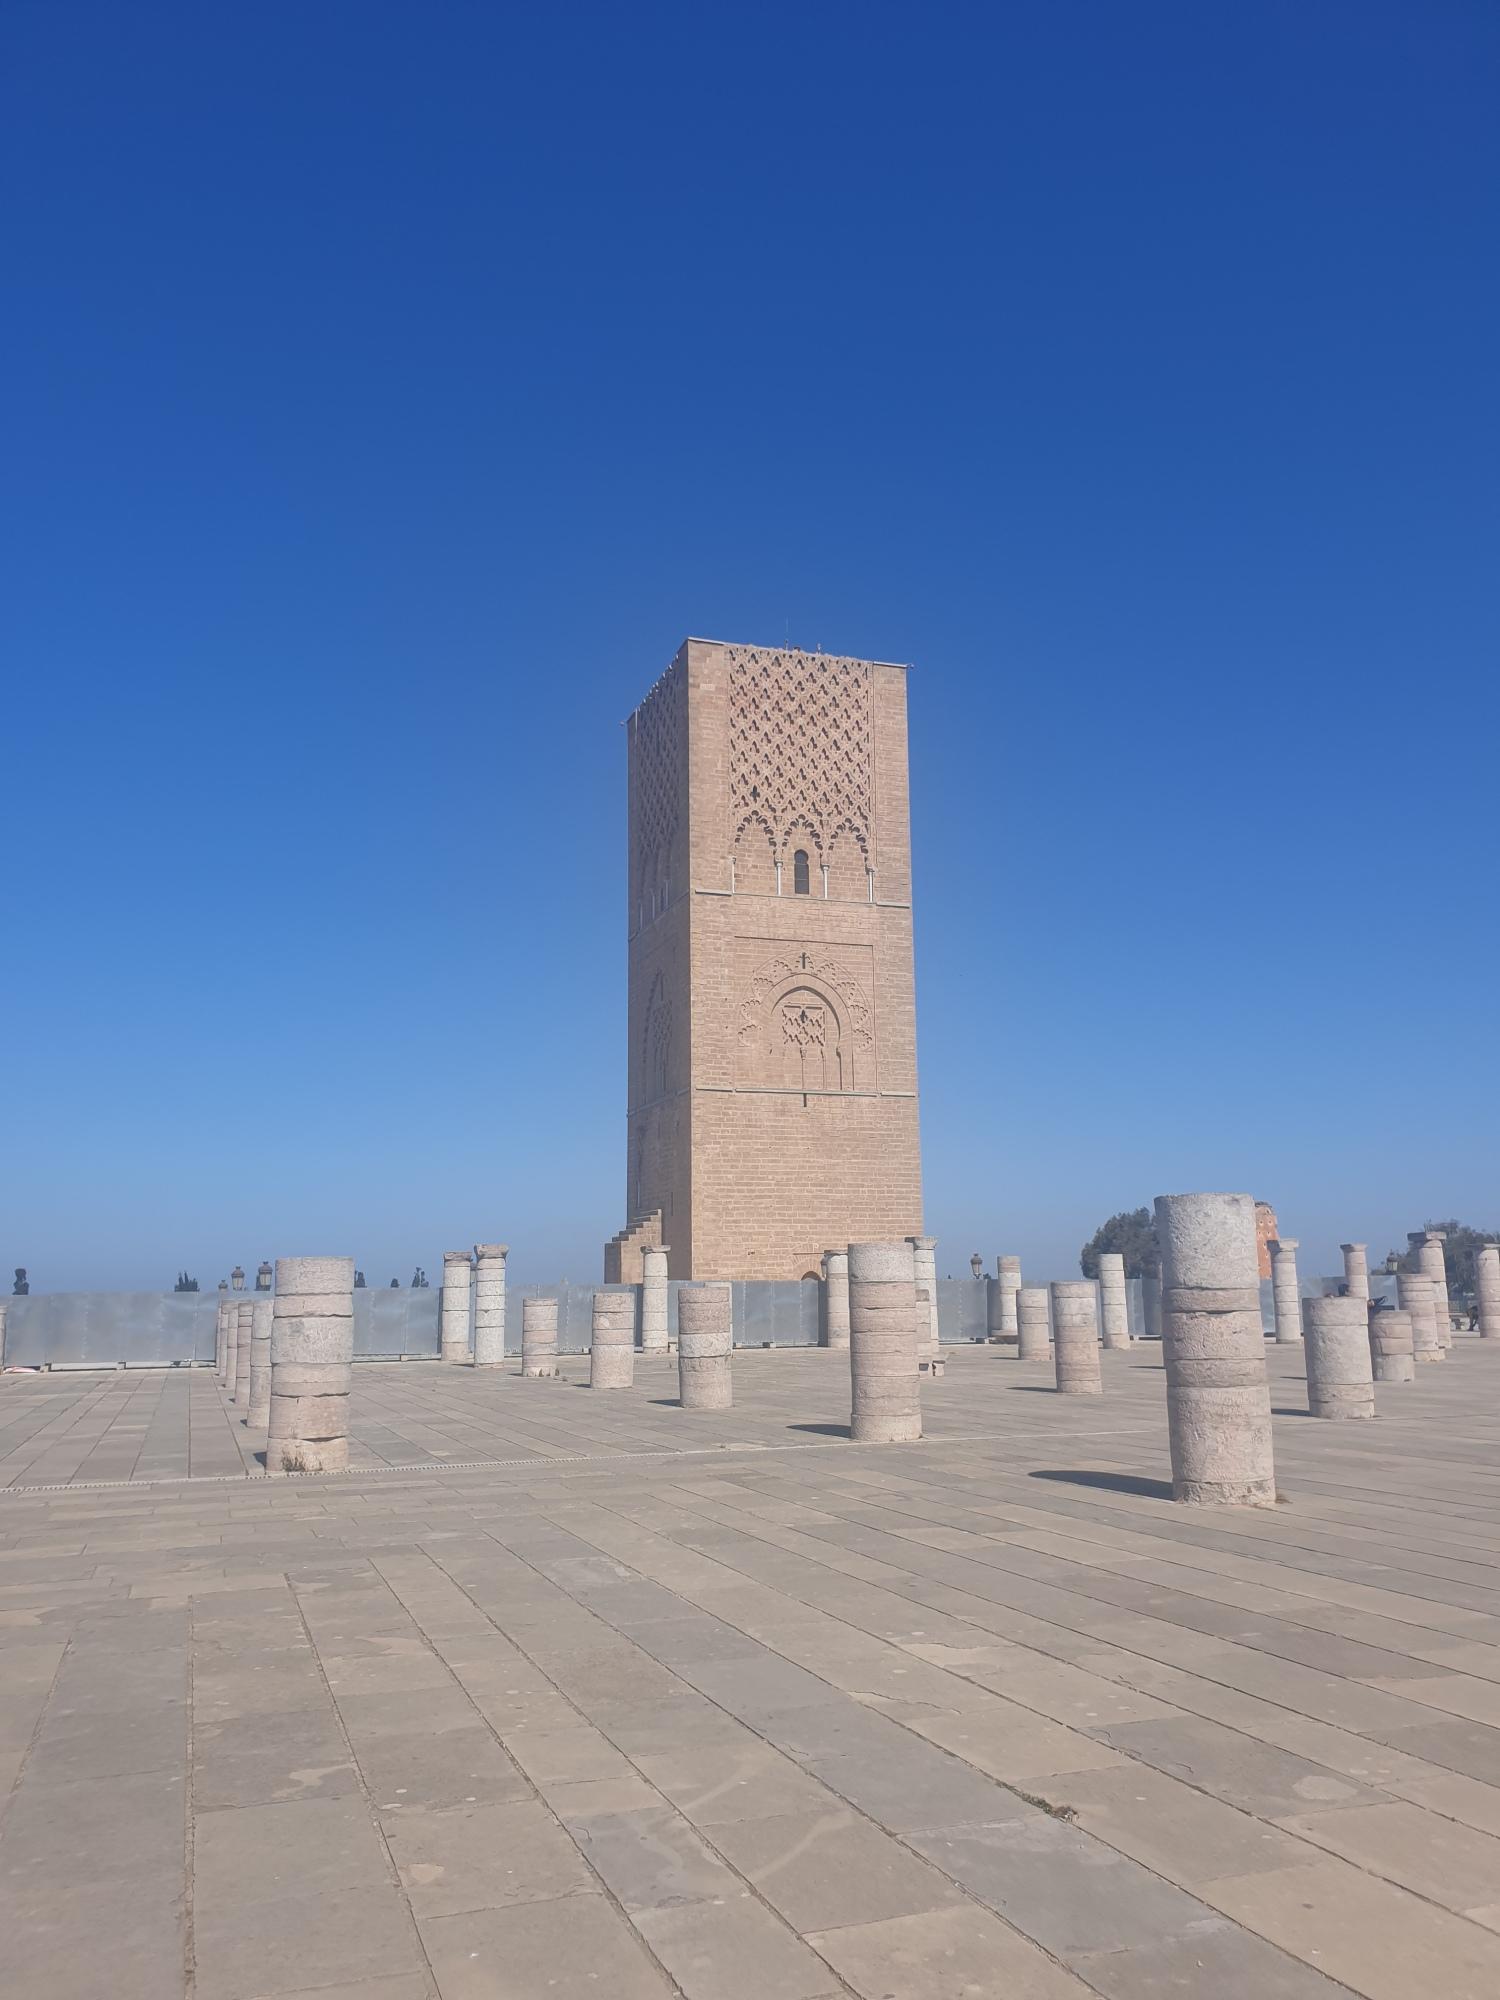 La tour Hassan avec les colonnes inachevées à Rabat au Maroc